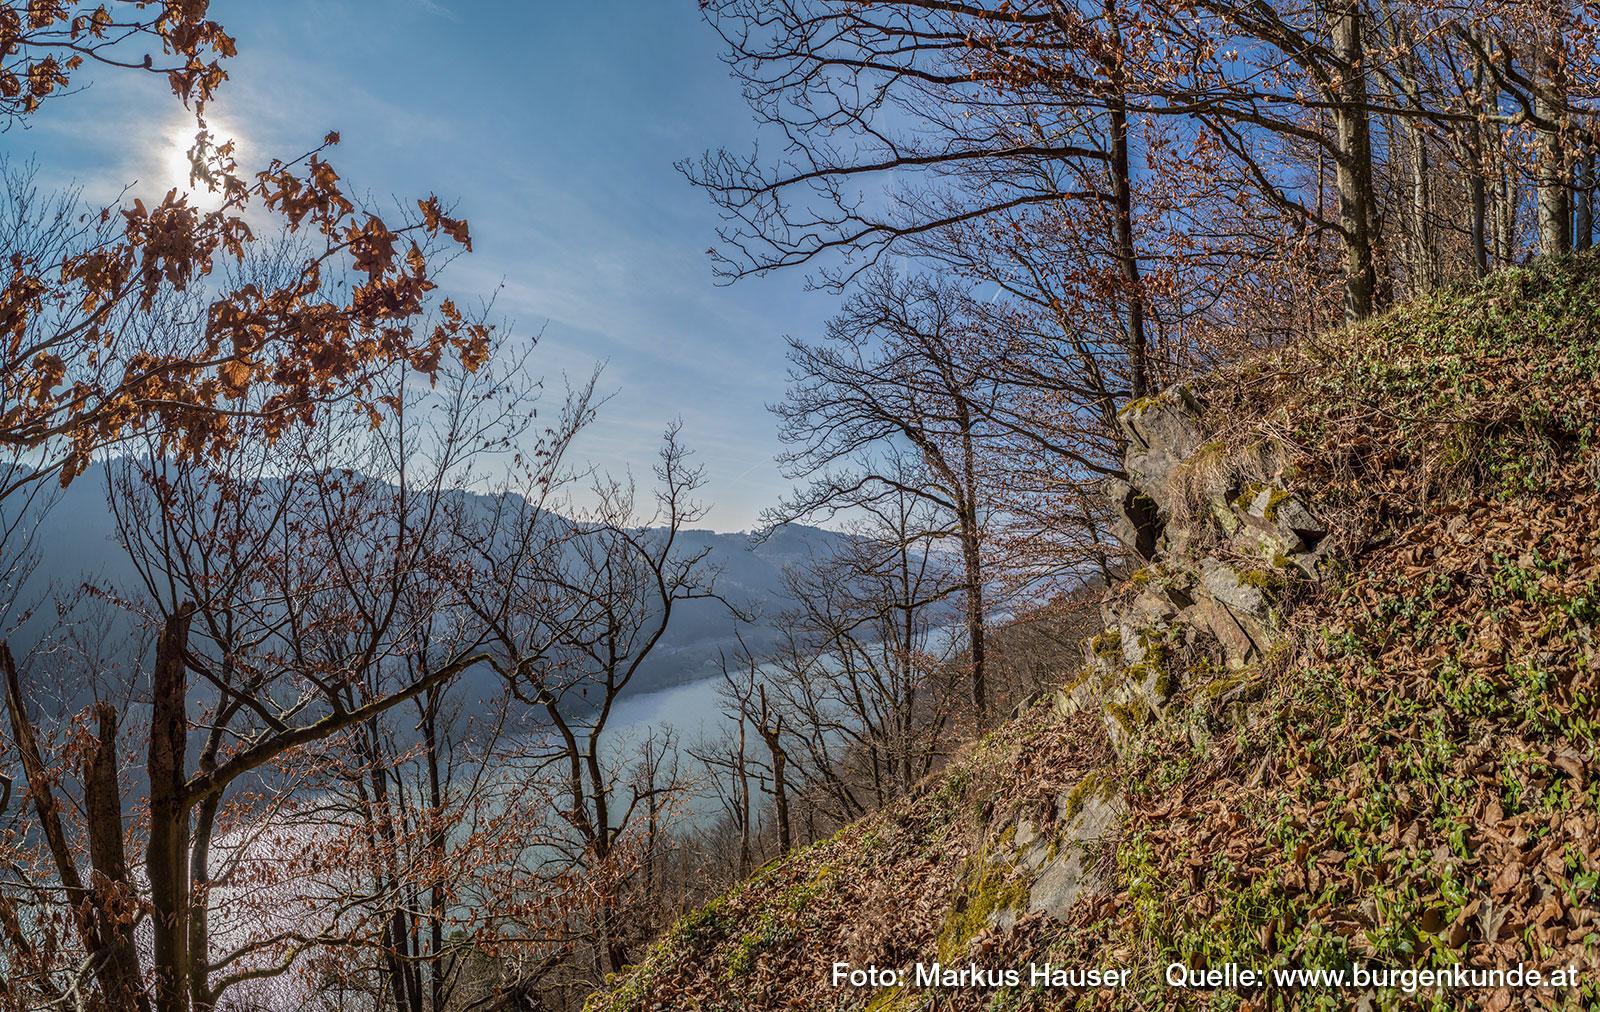 Der Ausblick ins Donautal, den man von der Ruine Haichenbach hat, ist auch heute noch spektakulär.